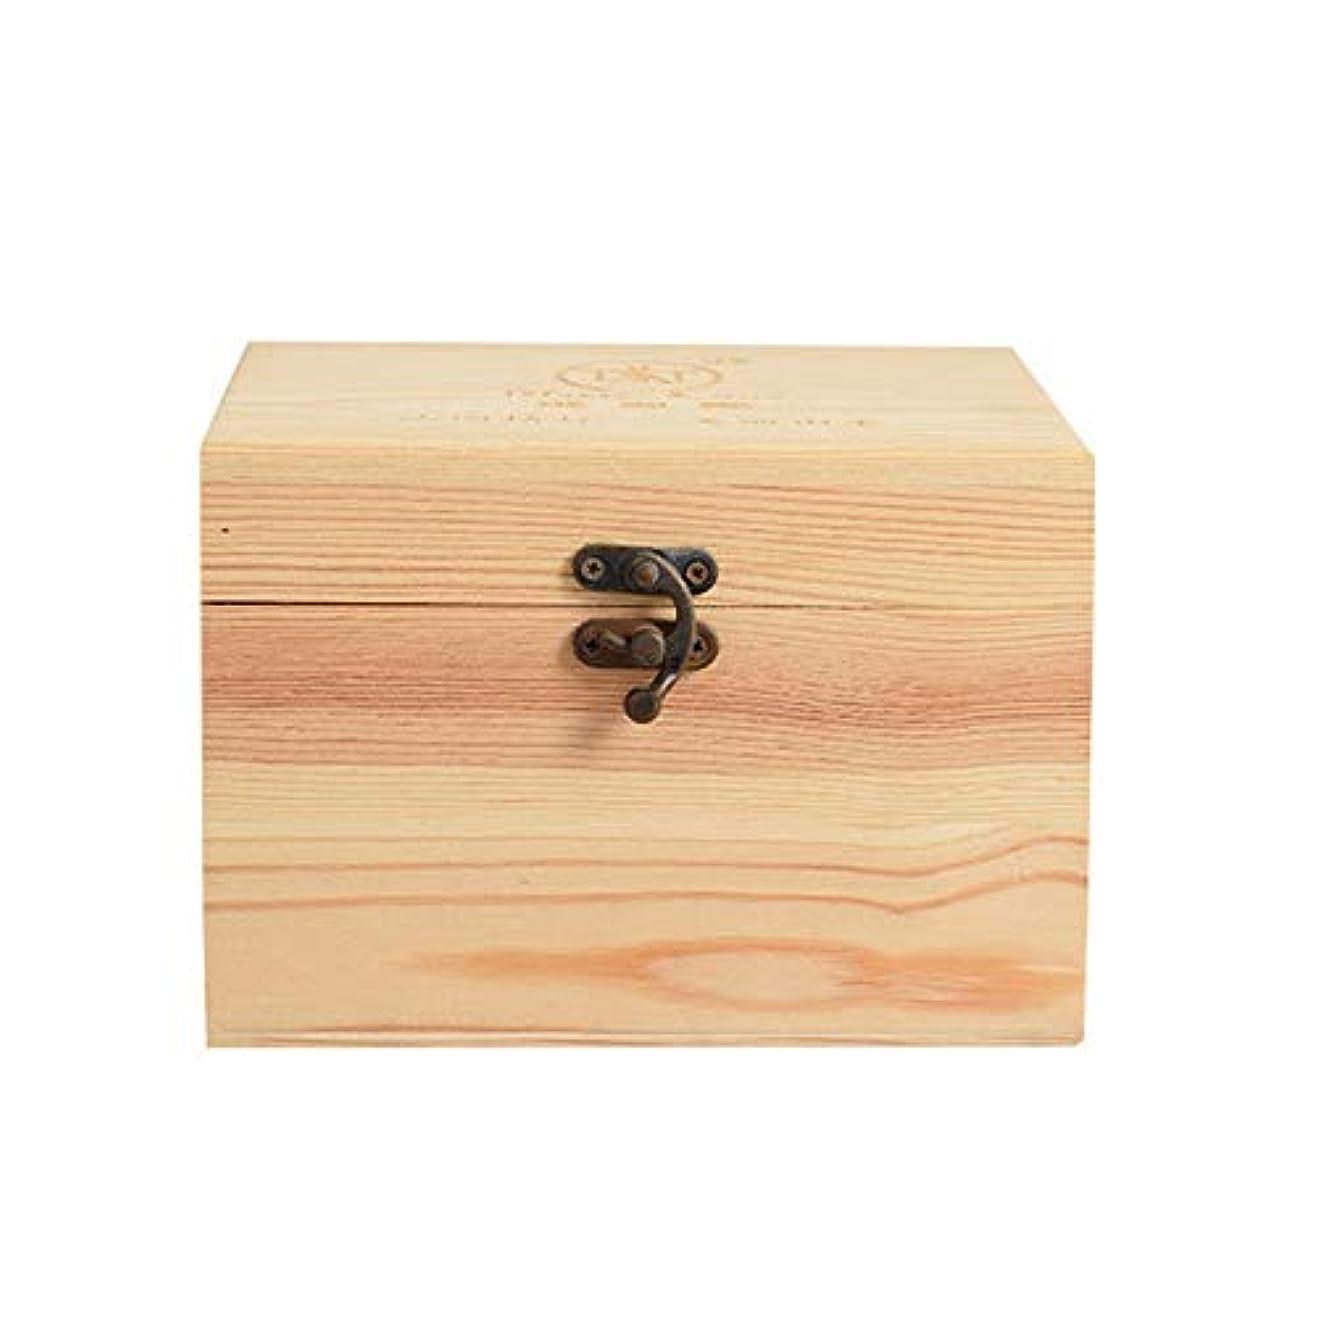 排他的ブルームブラウズエッセンシャルオイルストレージボックス プレゼンテーションのために9ボトル木製エッセンシャルオイルストレージボックスパーフェクトエッセンシャルオイルケースは被害太陽光からあなたの油を保護します 旅行およびプレゼンテーション用 (色 : Natural, サイズ : 16.5X11.5X15CM)